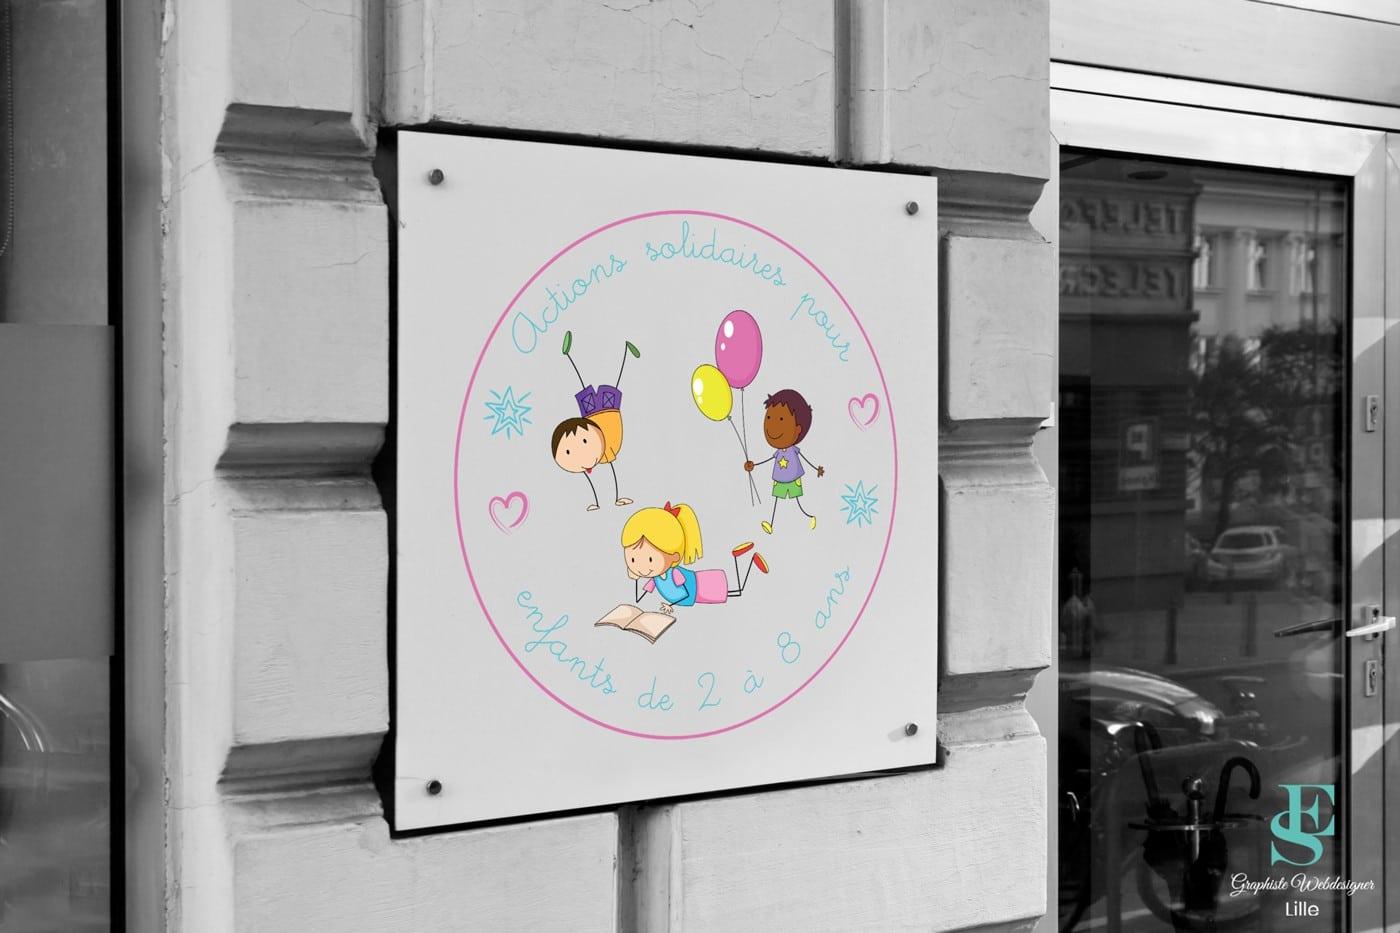 Logo Association Actions solidaires pour enfants de 2 à 8 ans